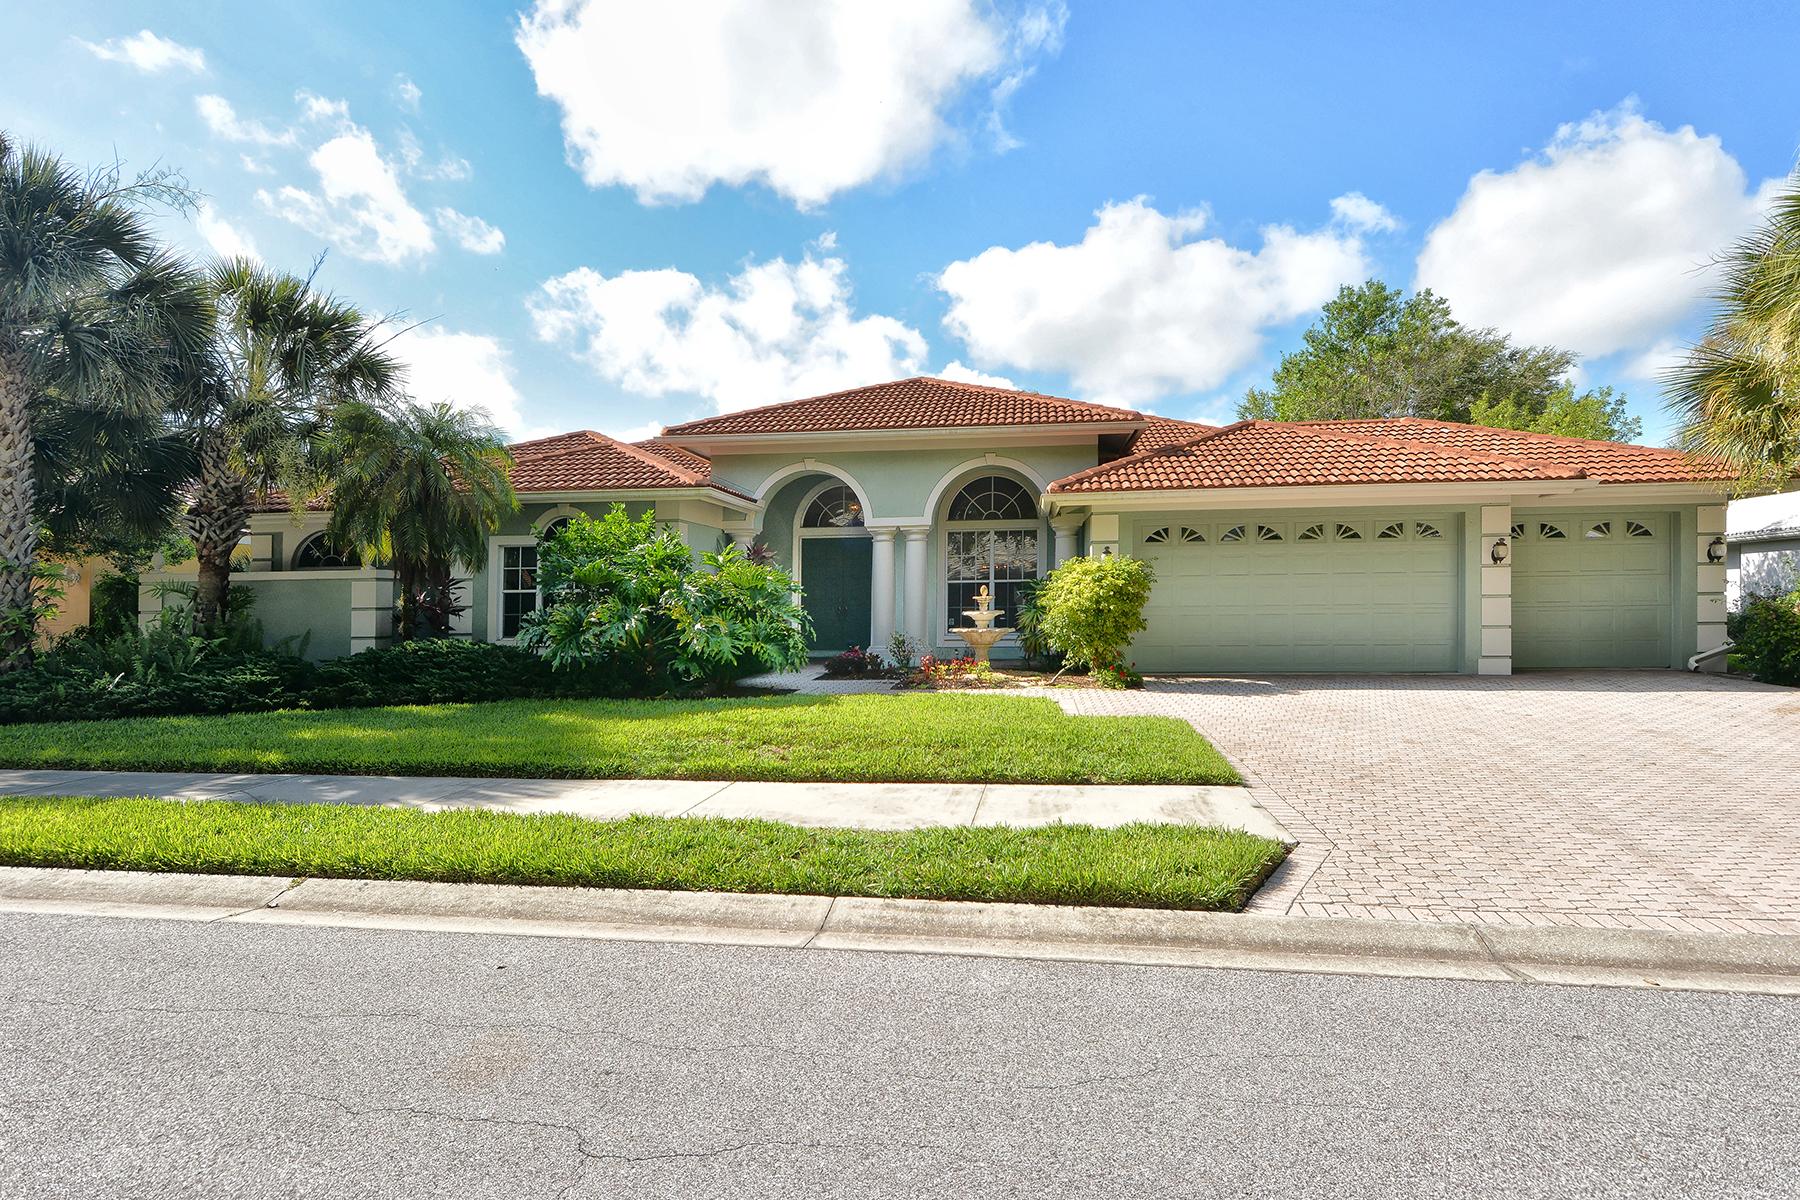 Частный односемейный дом для того Продажа на DEER CREEK 8575 Woodbriar Dr Sarasota, Флорида 34238 Соединенные Штаты